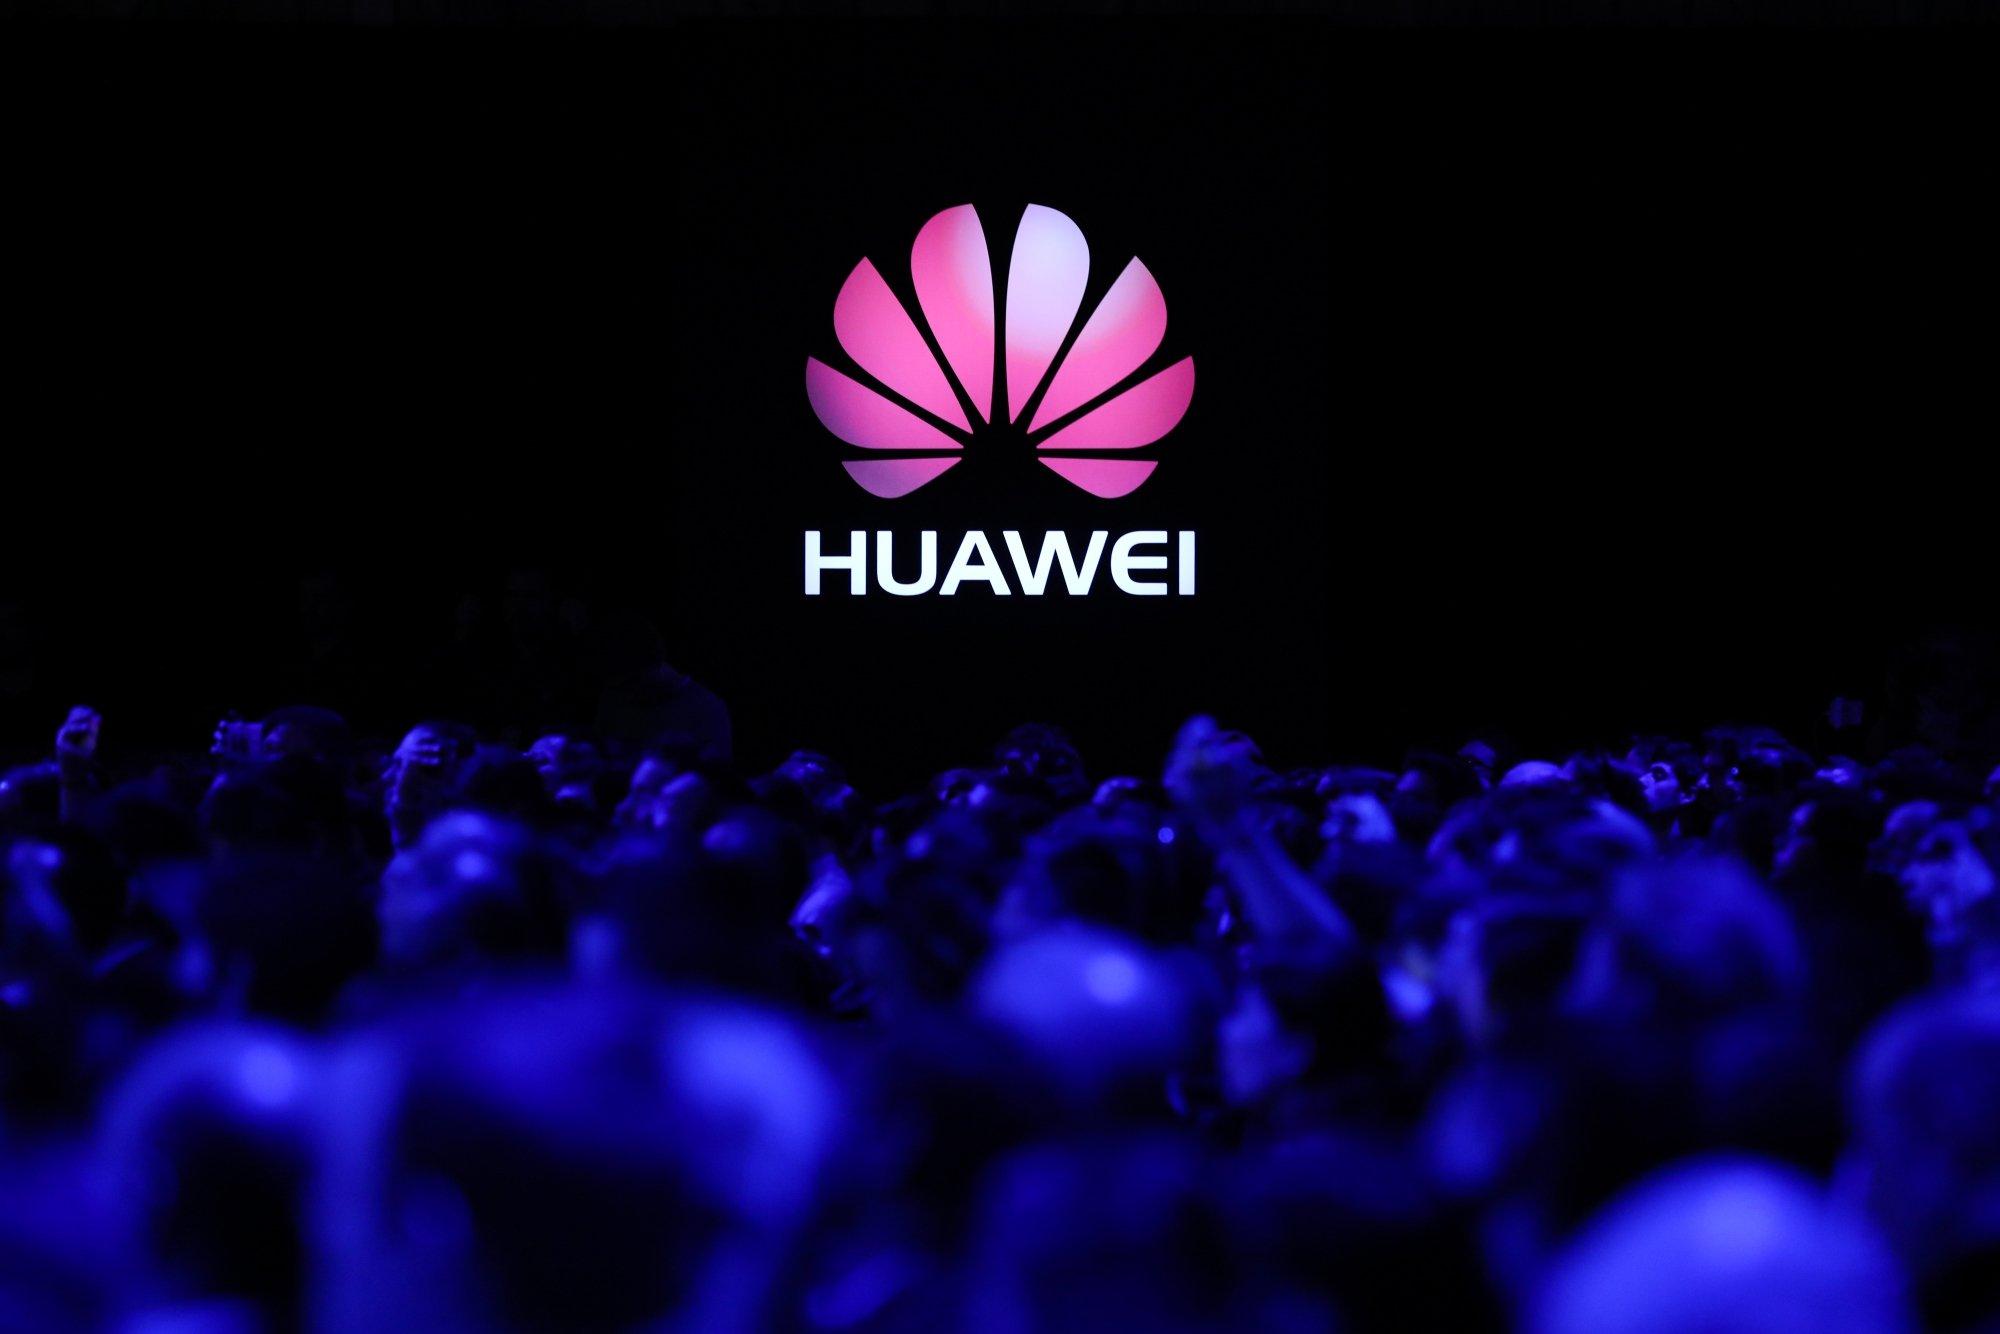 logotipo da Huawei em evento